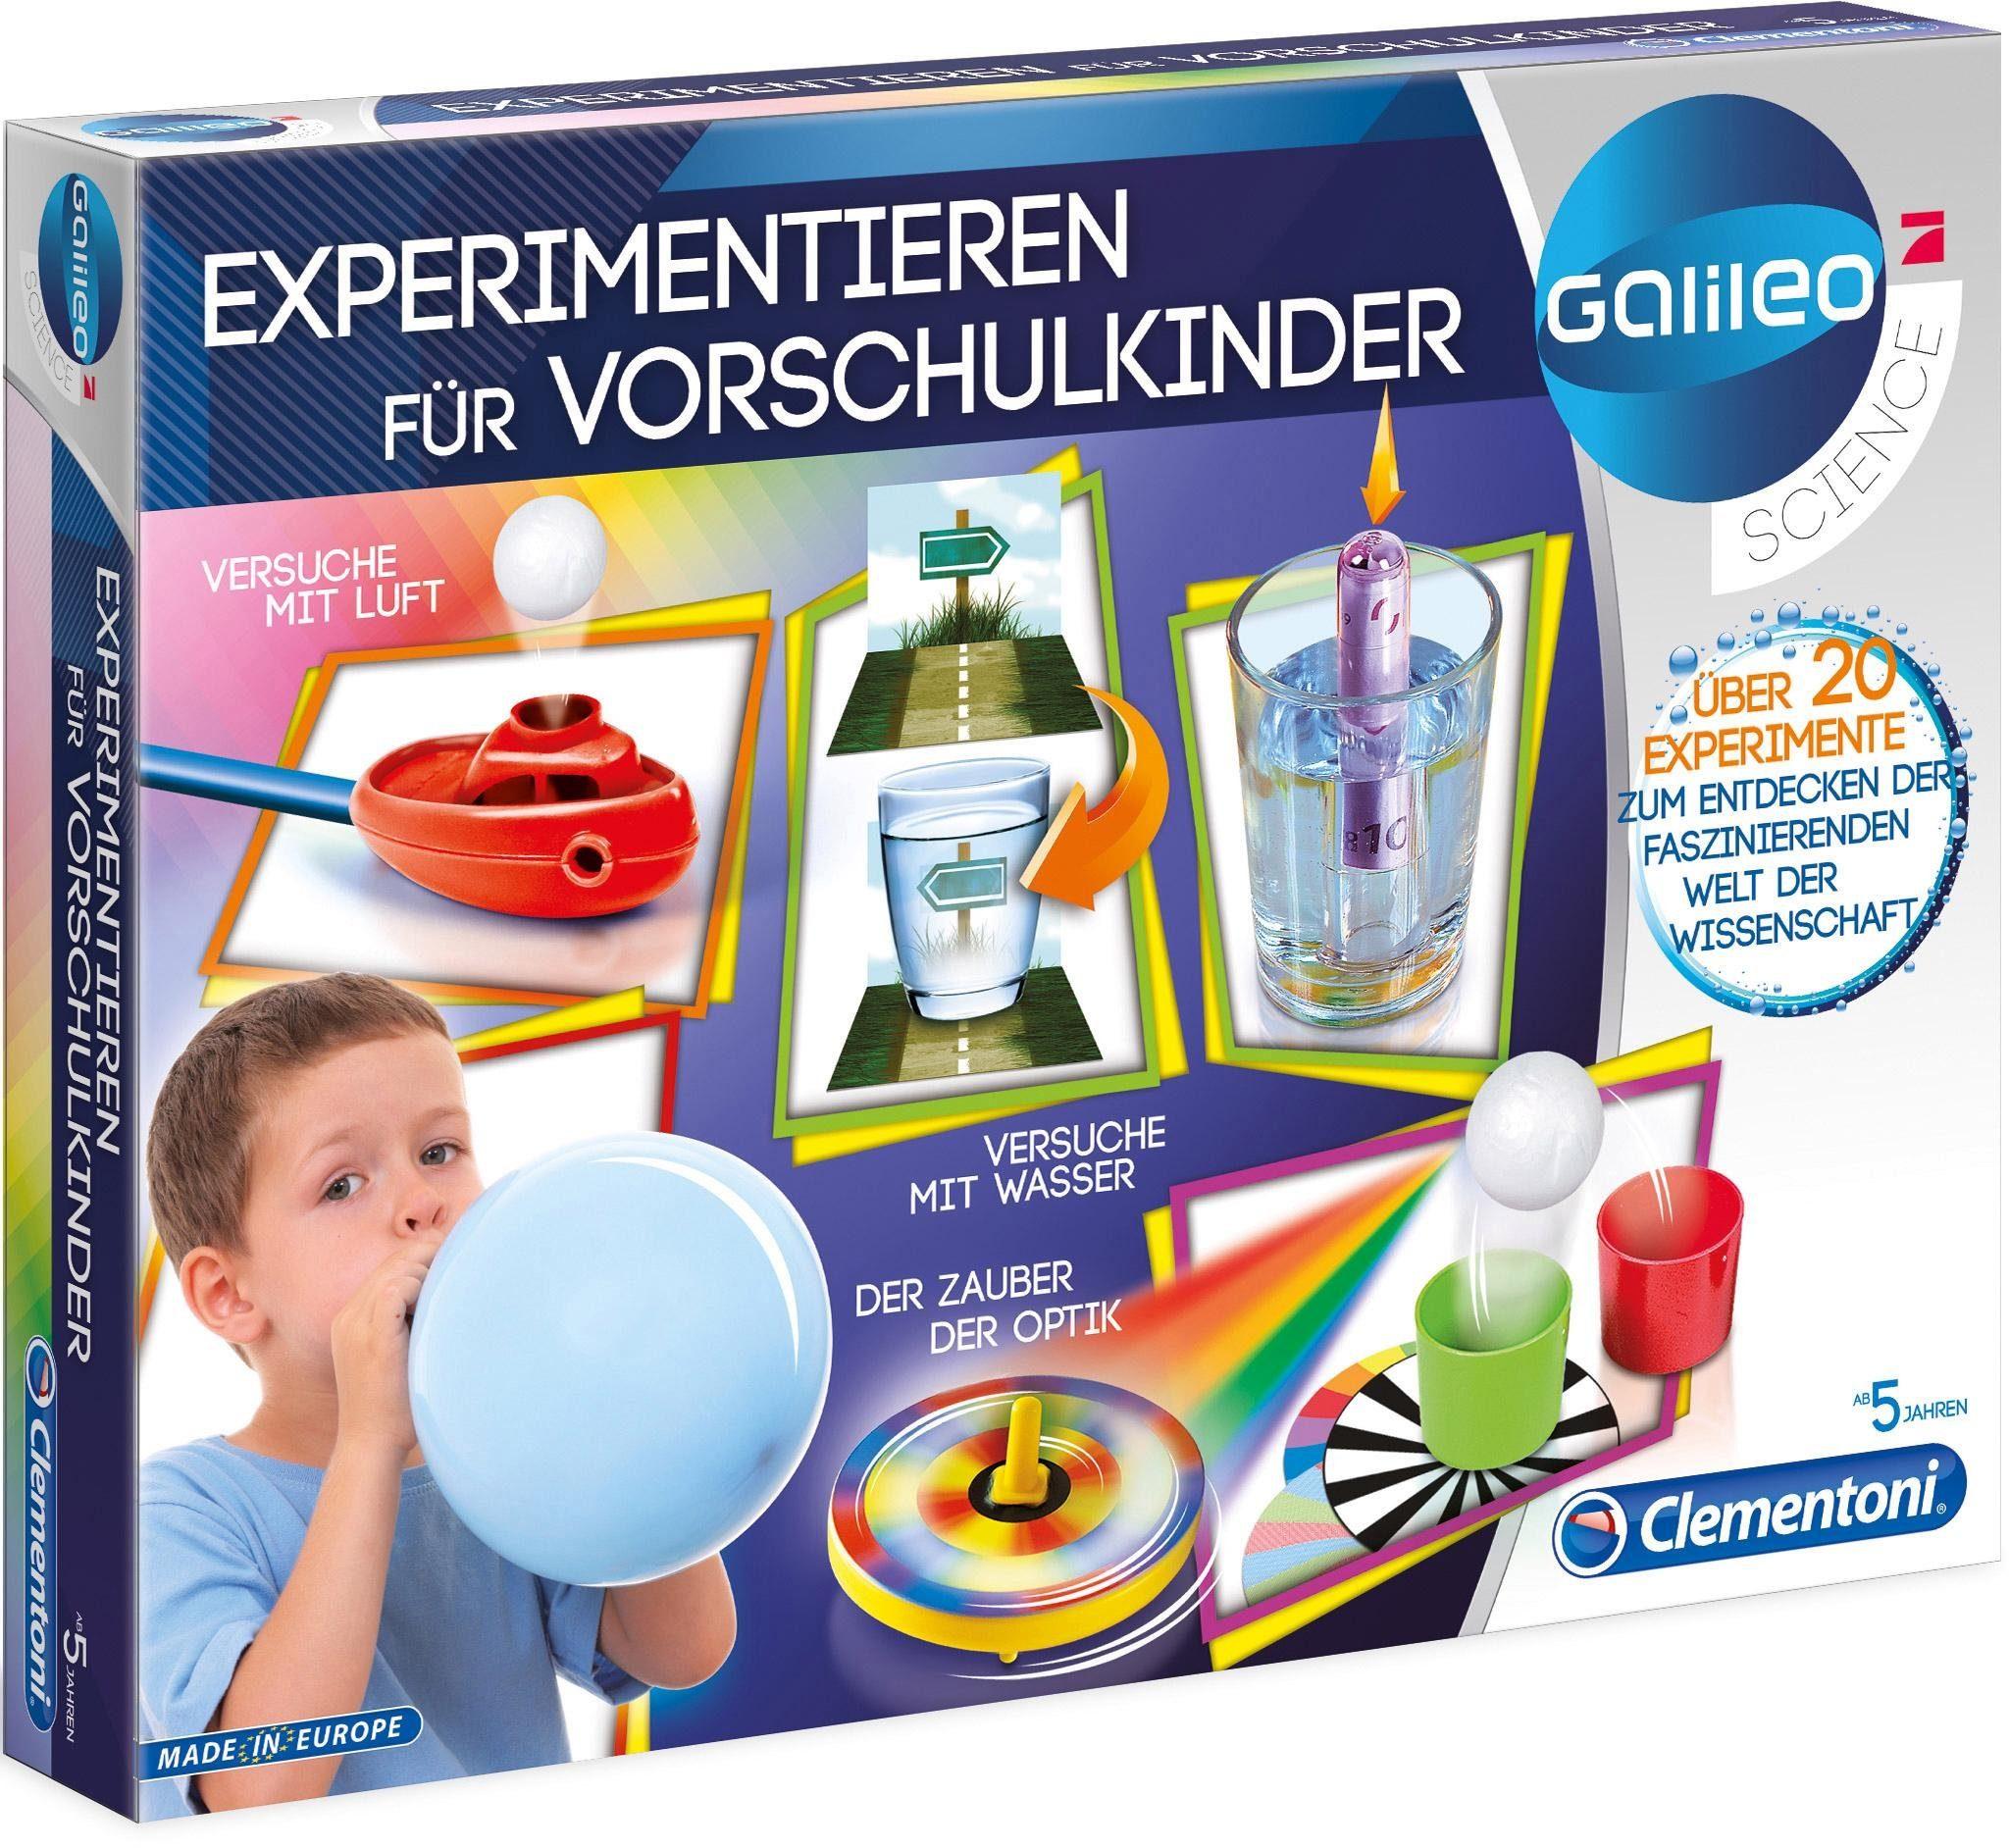 Experimentier-Set, »Galileo - Experimentieren für Vorschulkinder«, Clementoni